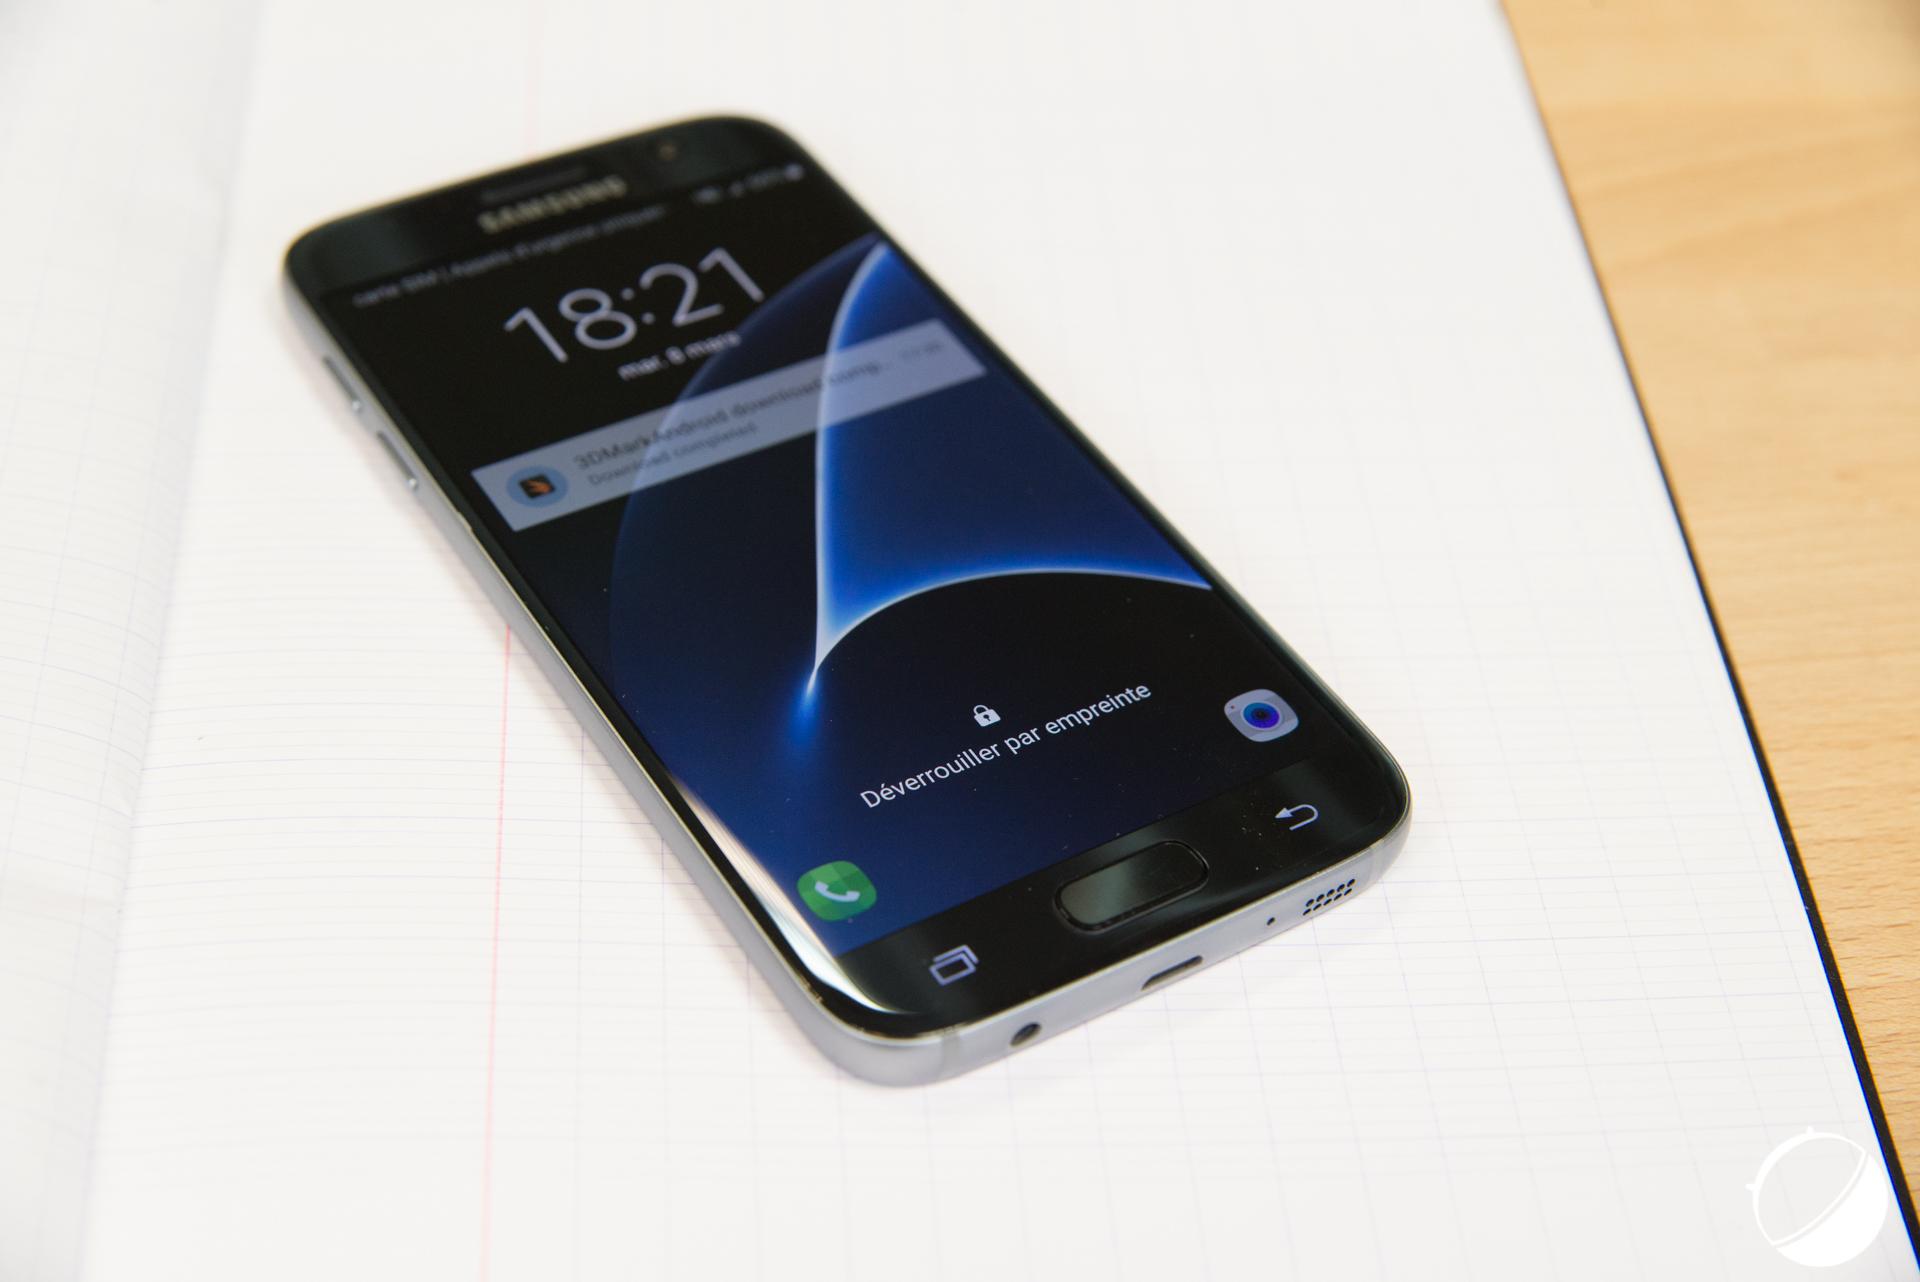 🔥 Vente flash : Aujourd'hui, le Samsung Galaxy S7 à environ 500 euros